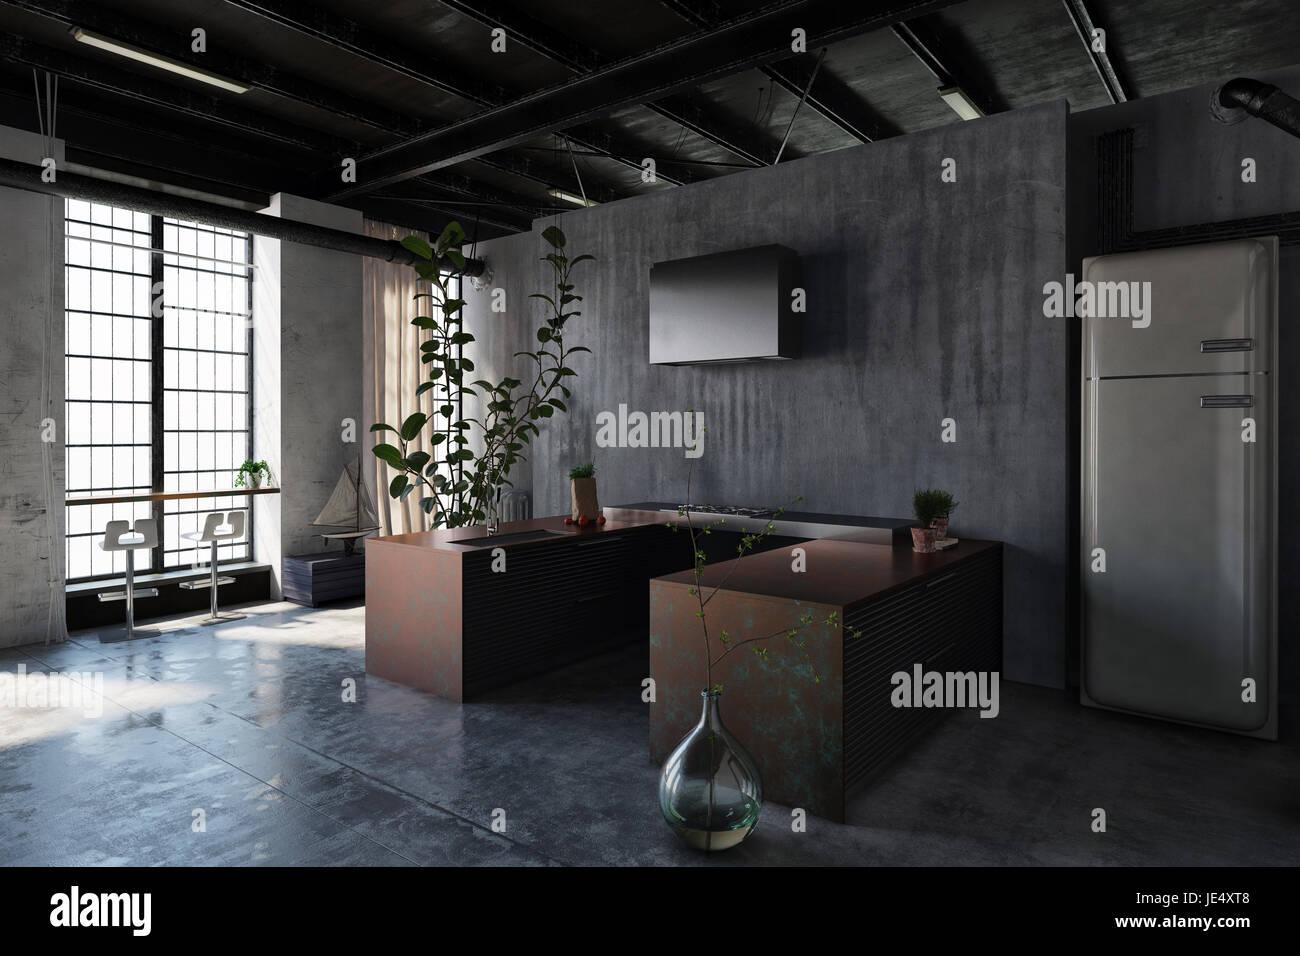 Dark interior of modern minimalist design kitchen in loft style